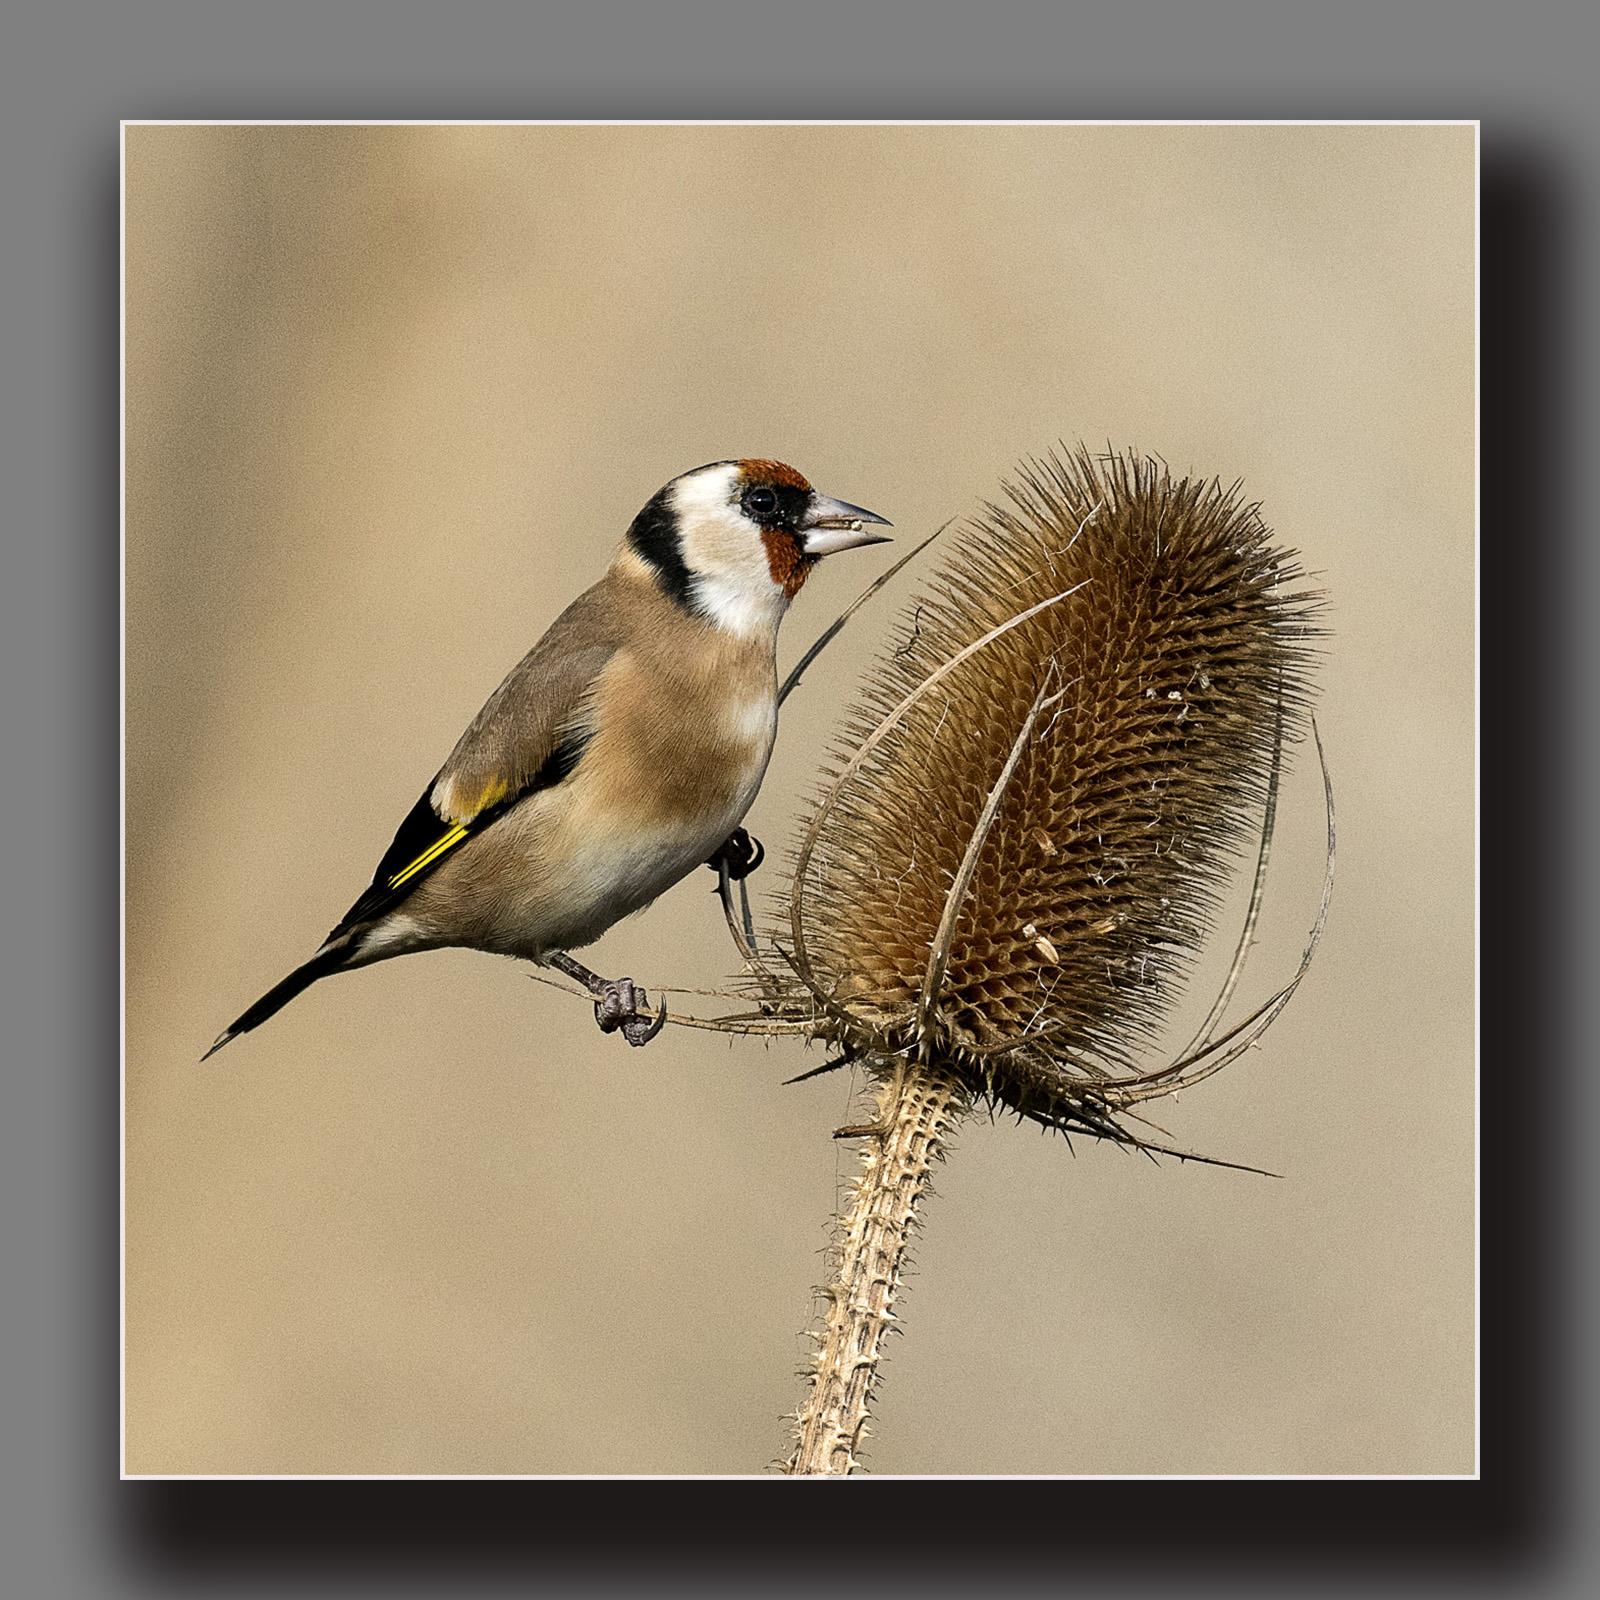 Goldfinch feeding ns